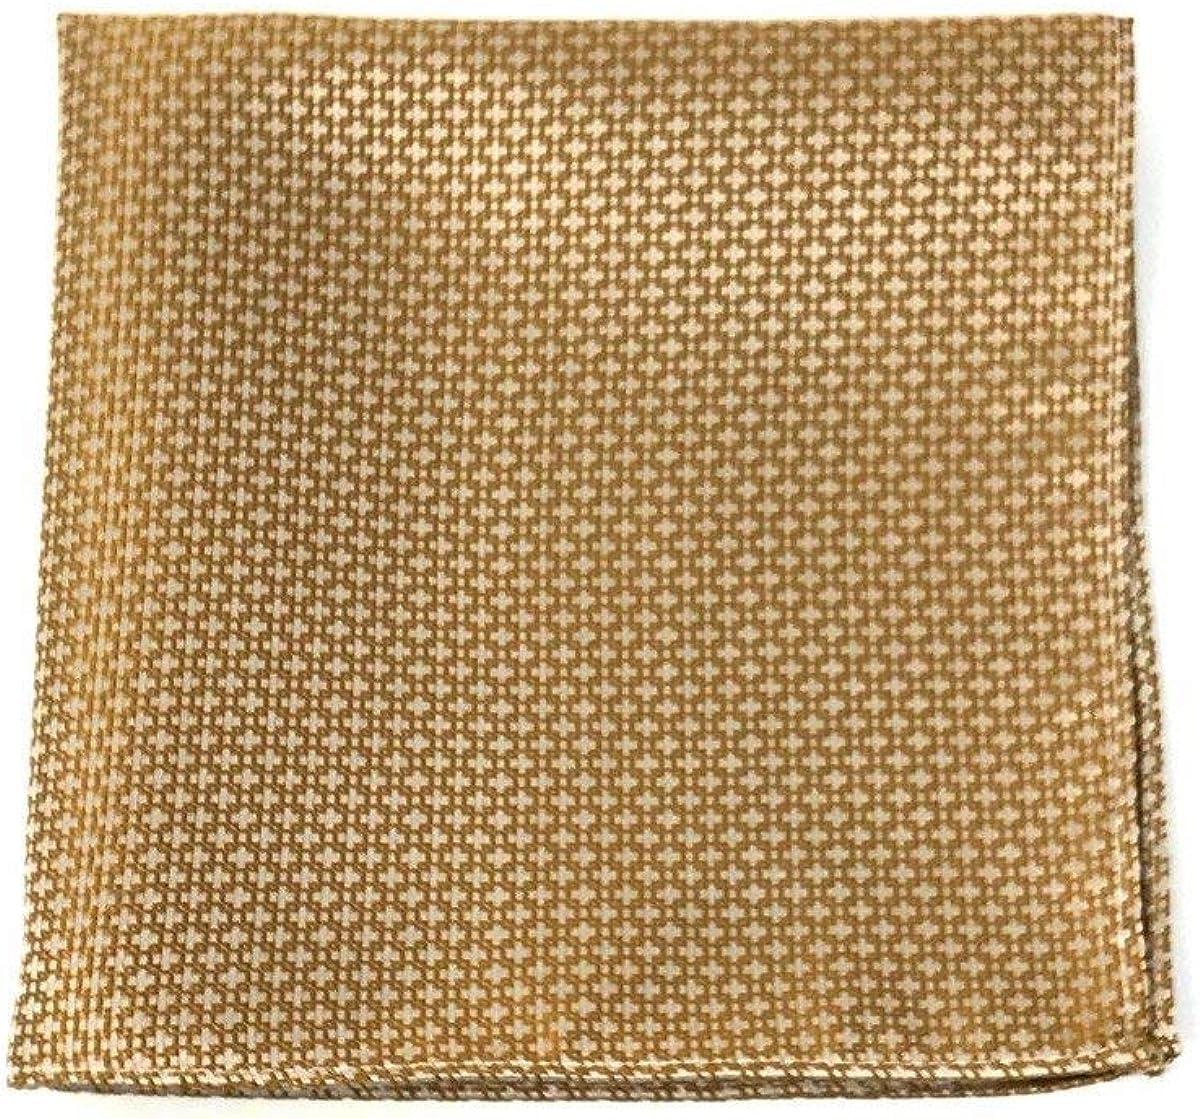 Cardi Regal Handkerchief